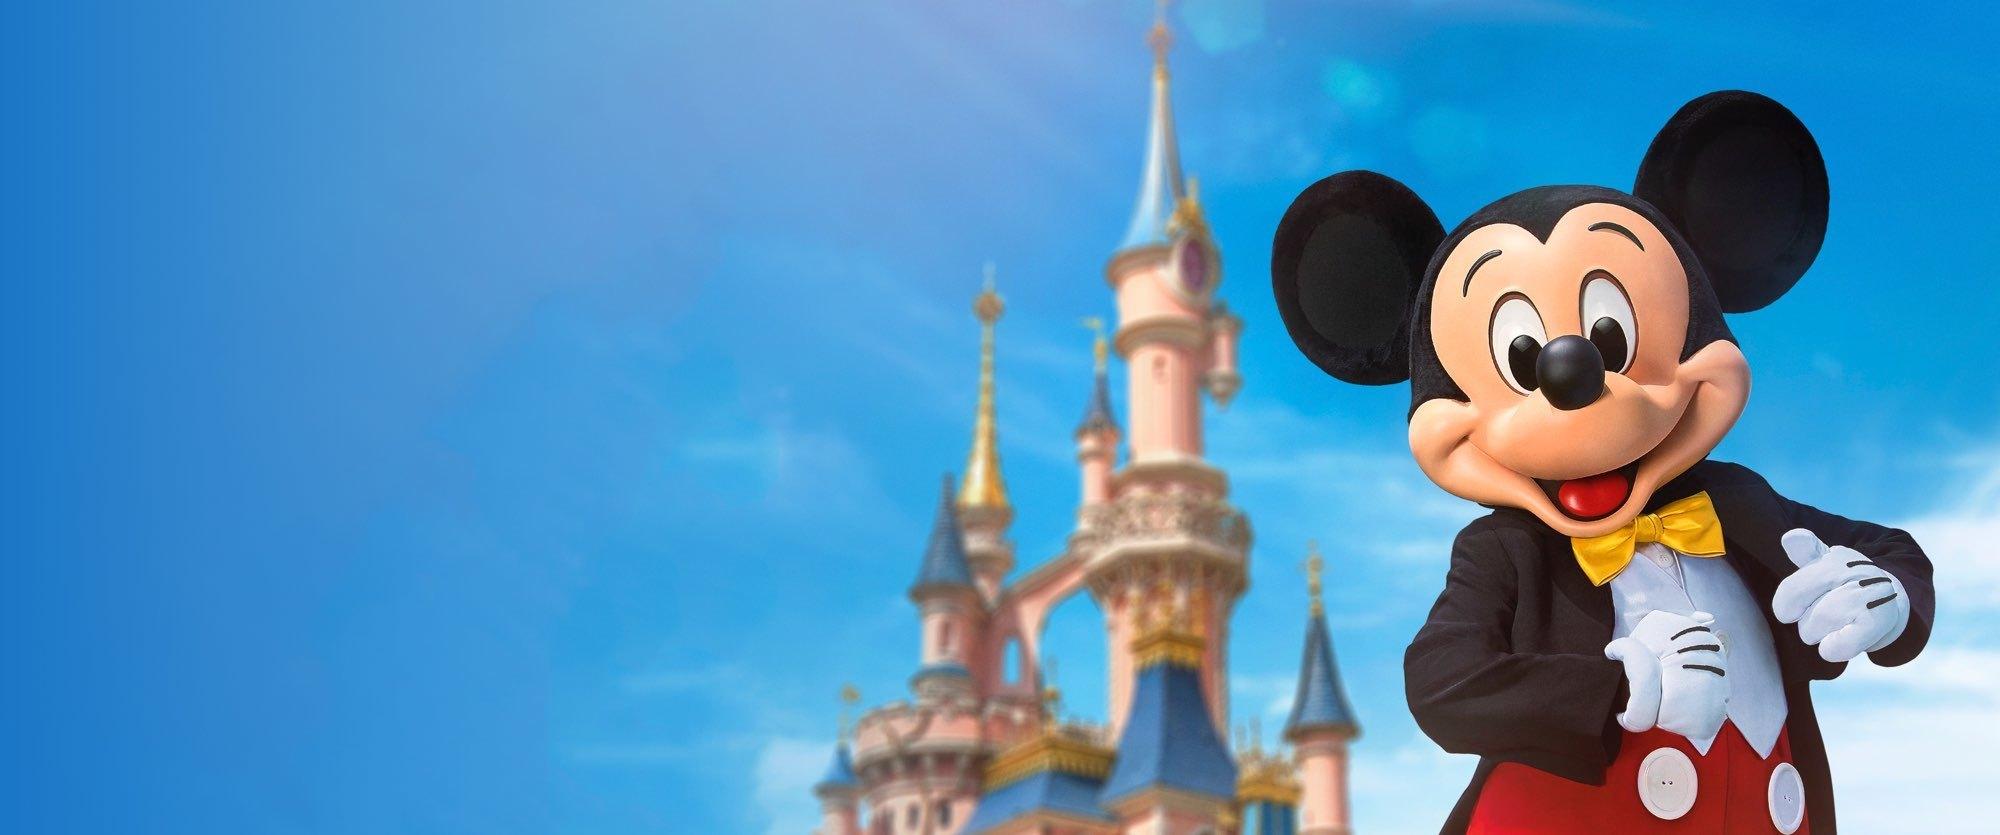 Primavera/Estate '19: Prenota prima! | Disneyland Paris